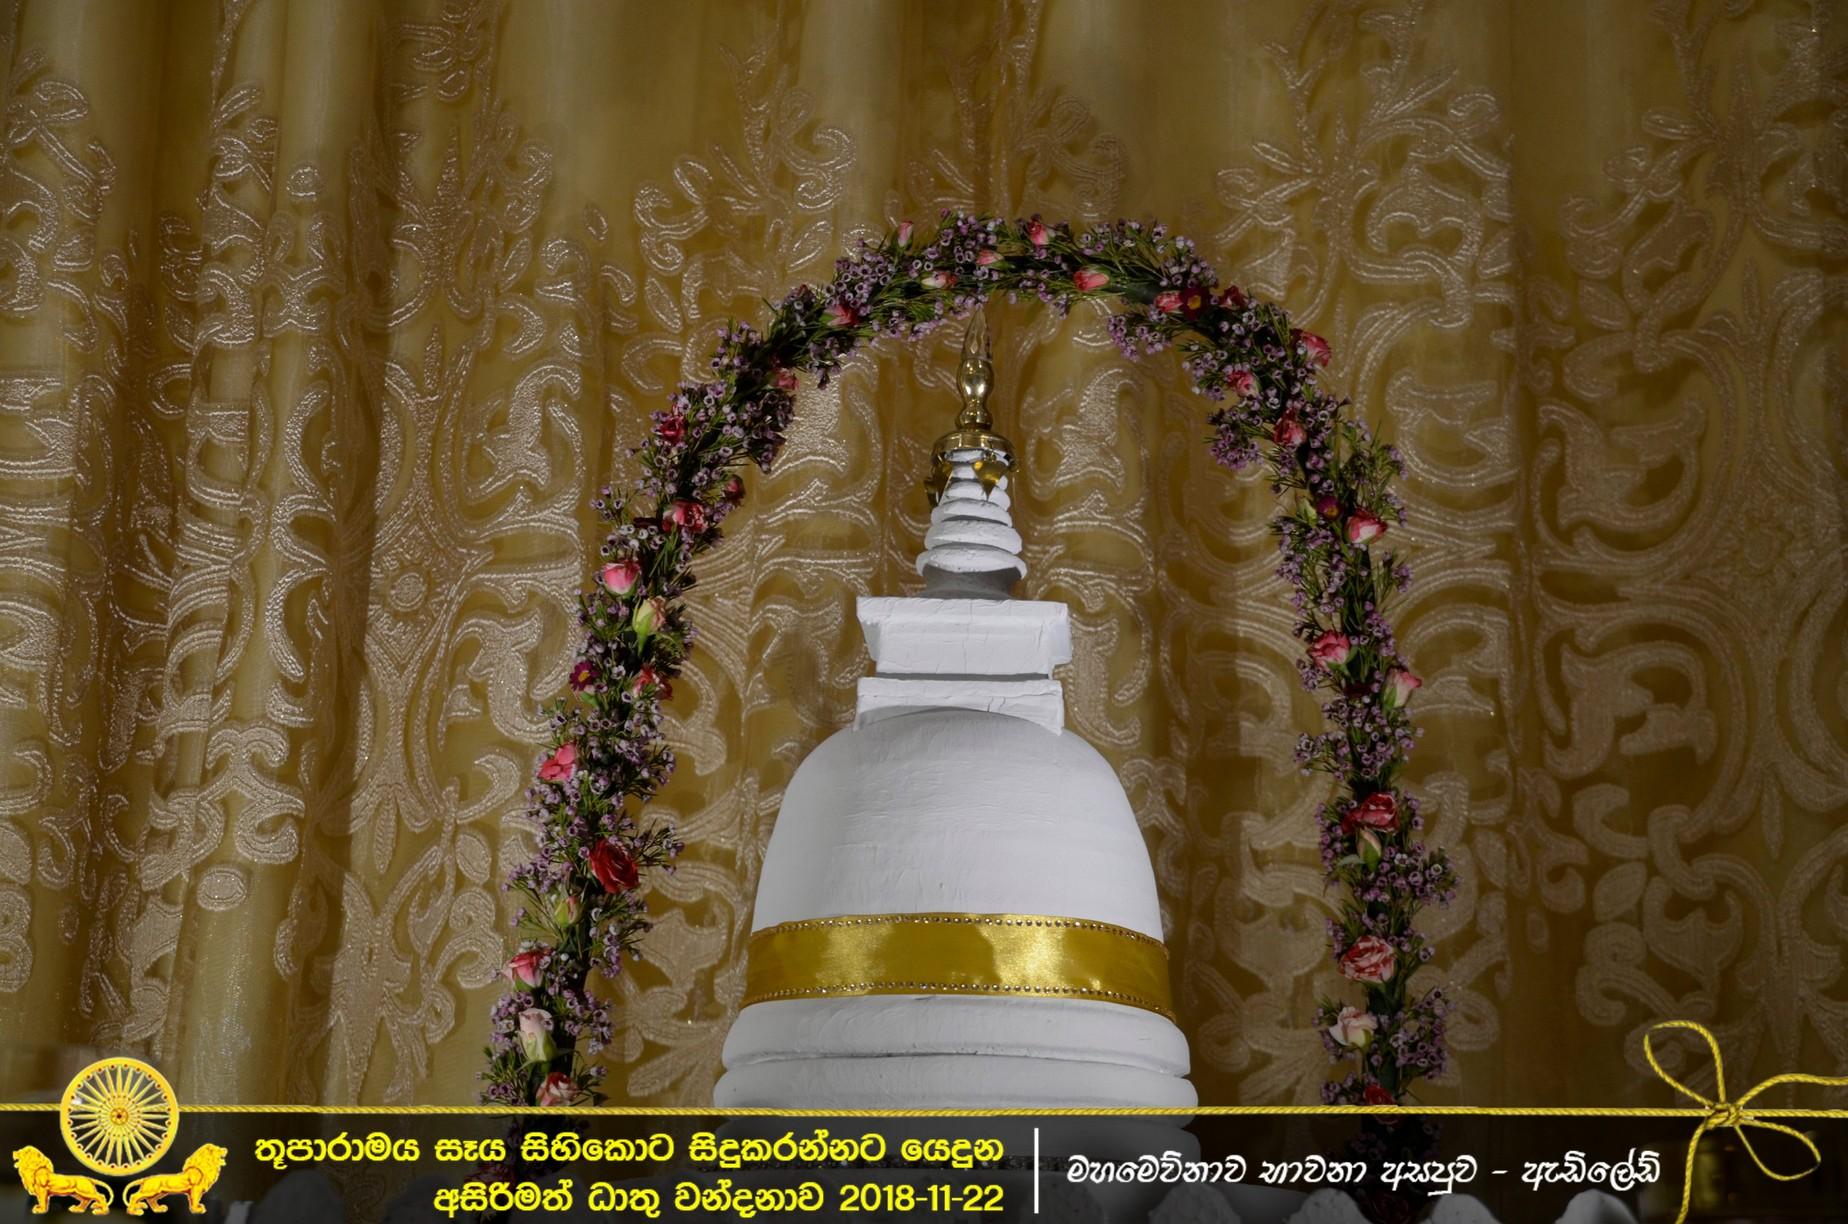 Thuparama056